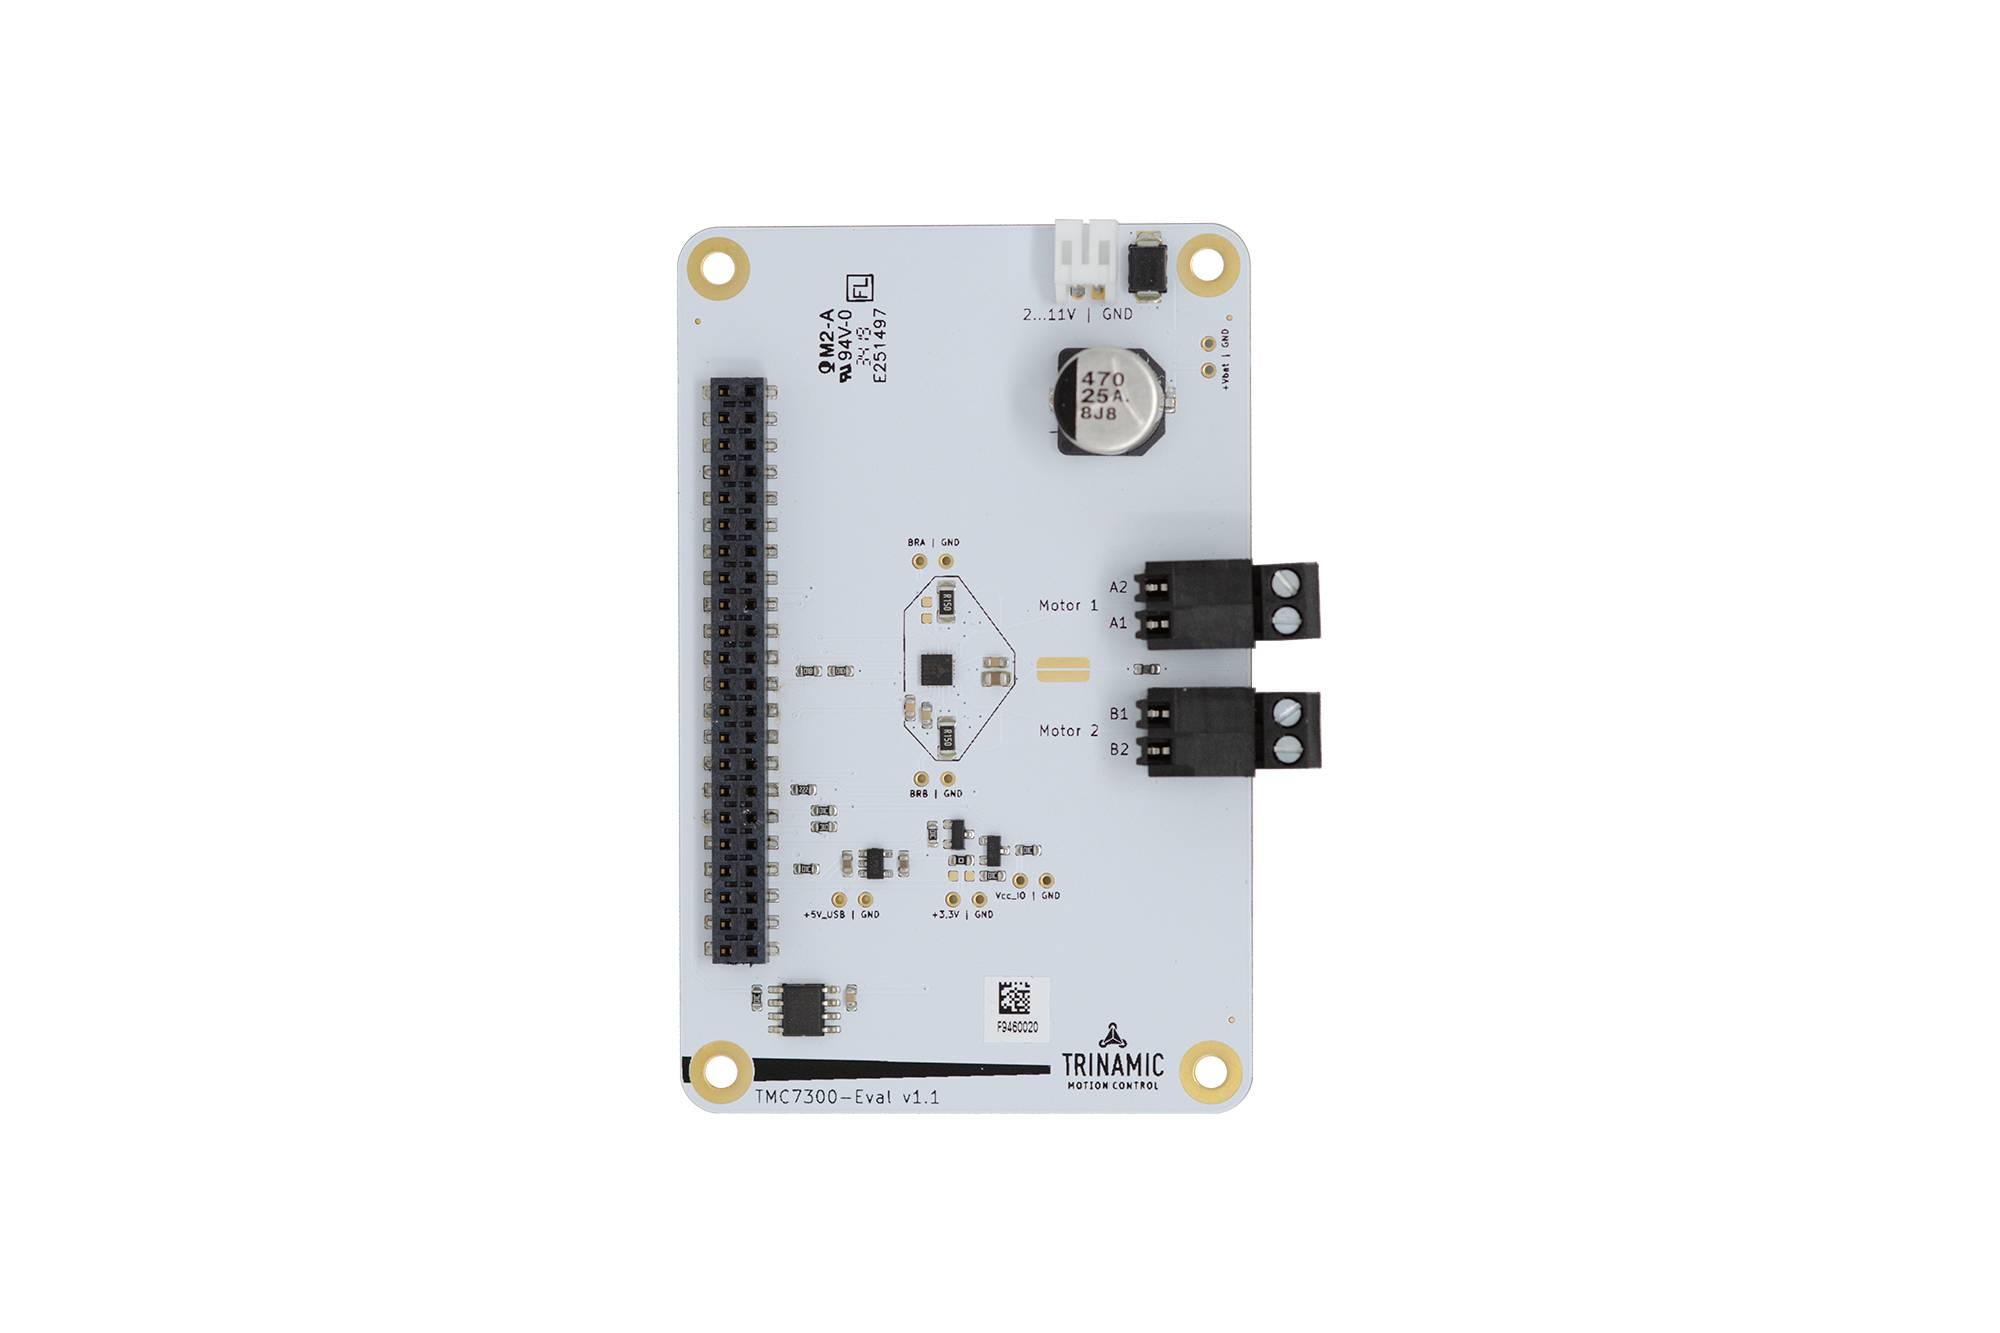 TMC7300-EVAL